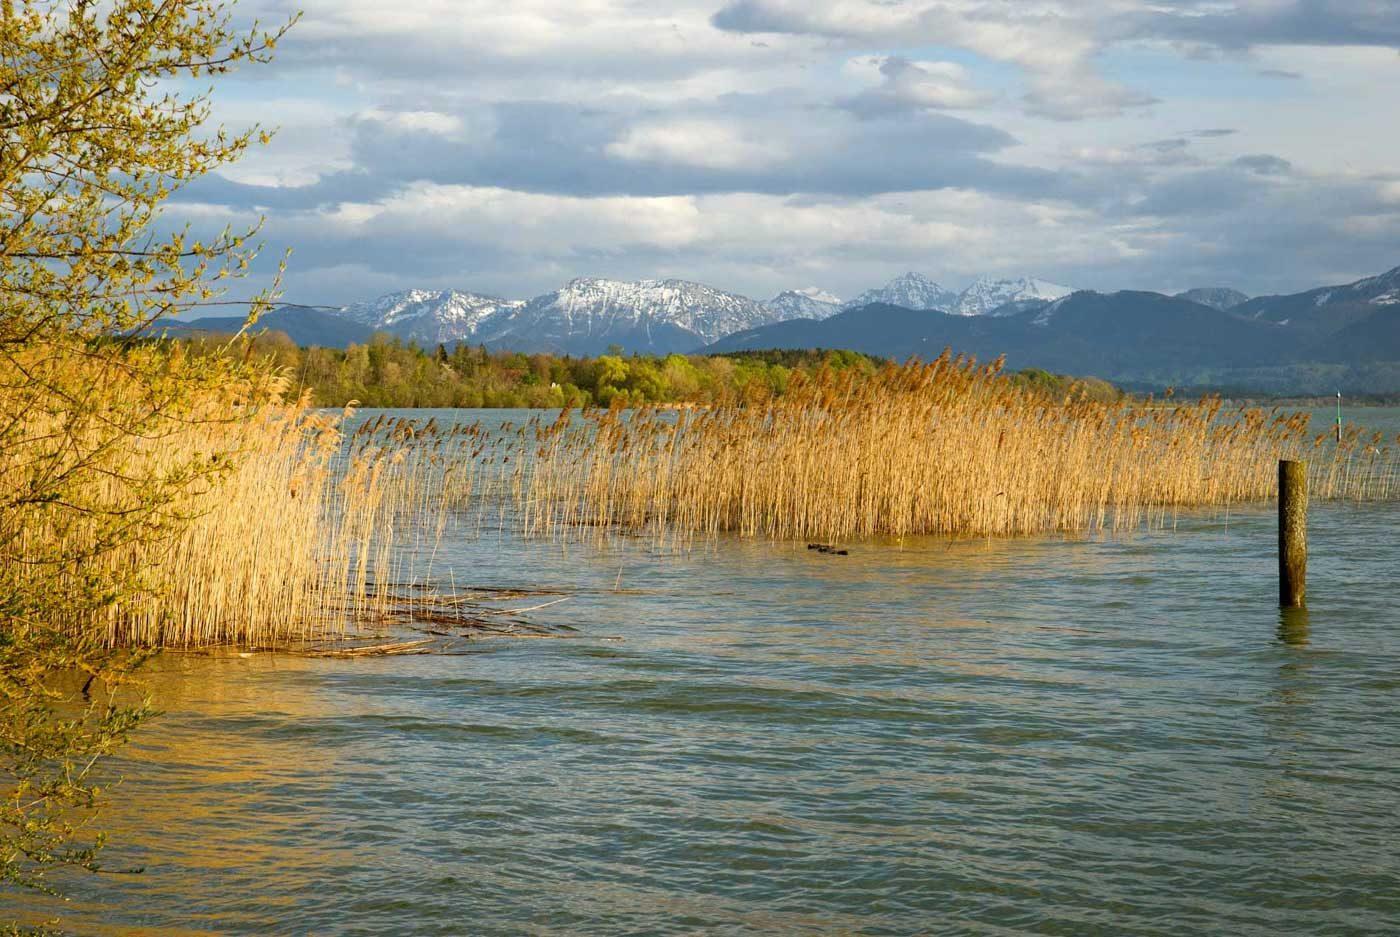 Golden steht Schilf am Blau des Chiemsees. Im Hintergrund die Chiemgauer Alpen